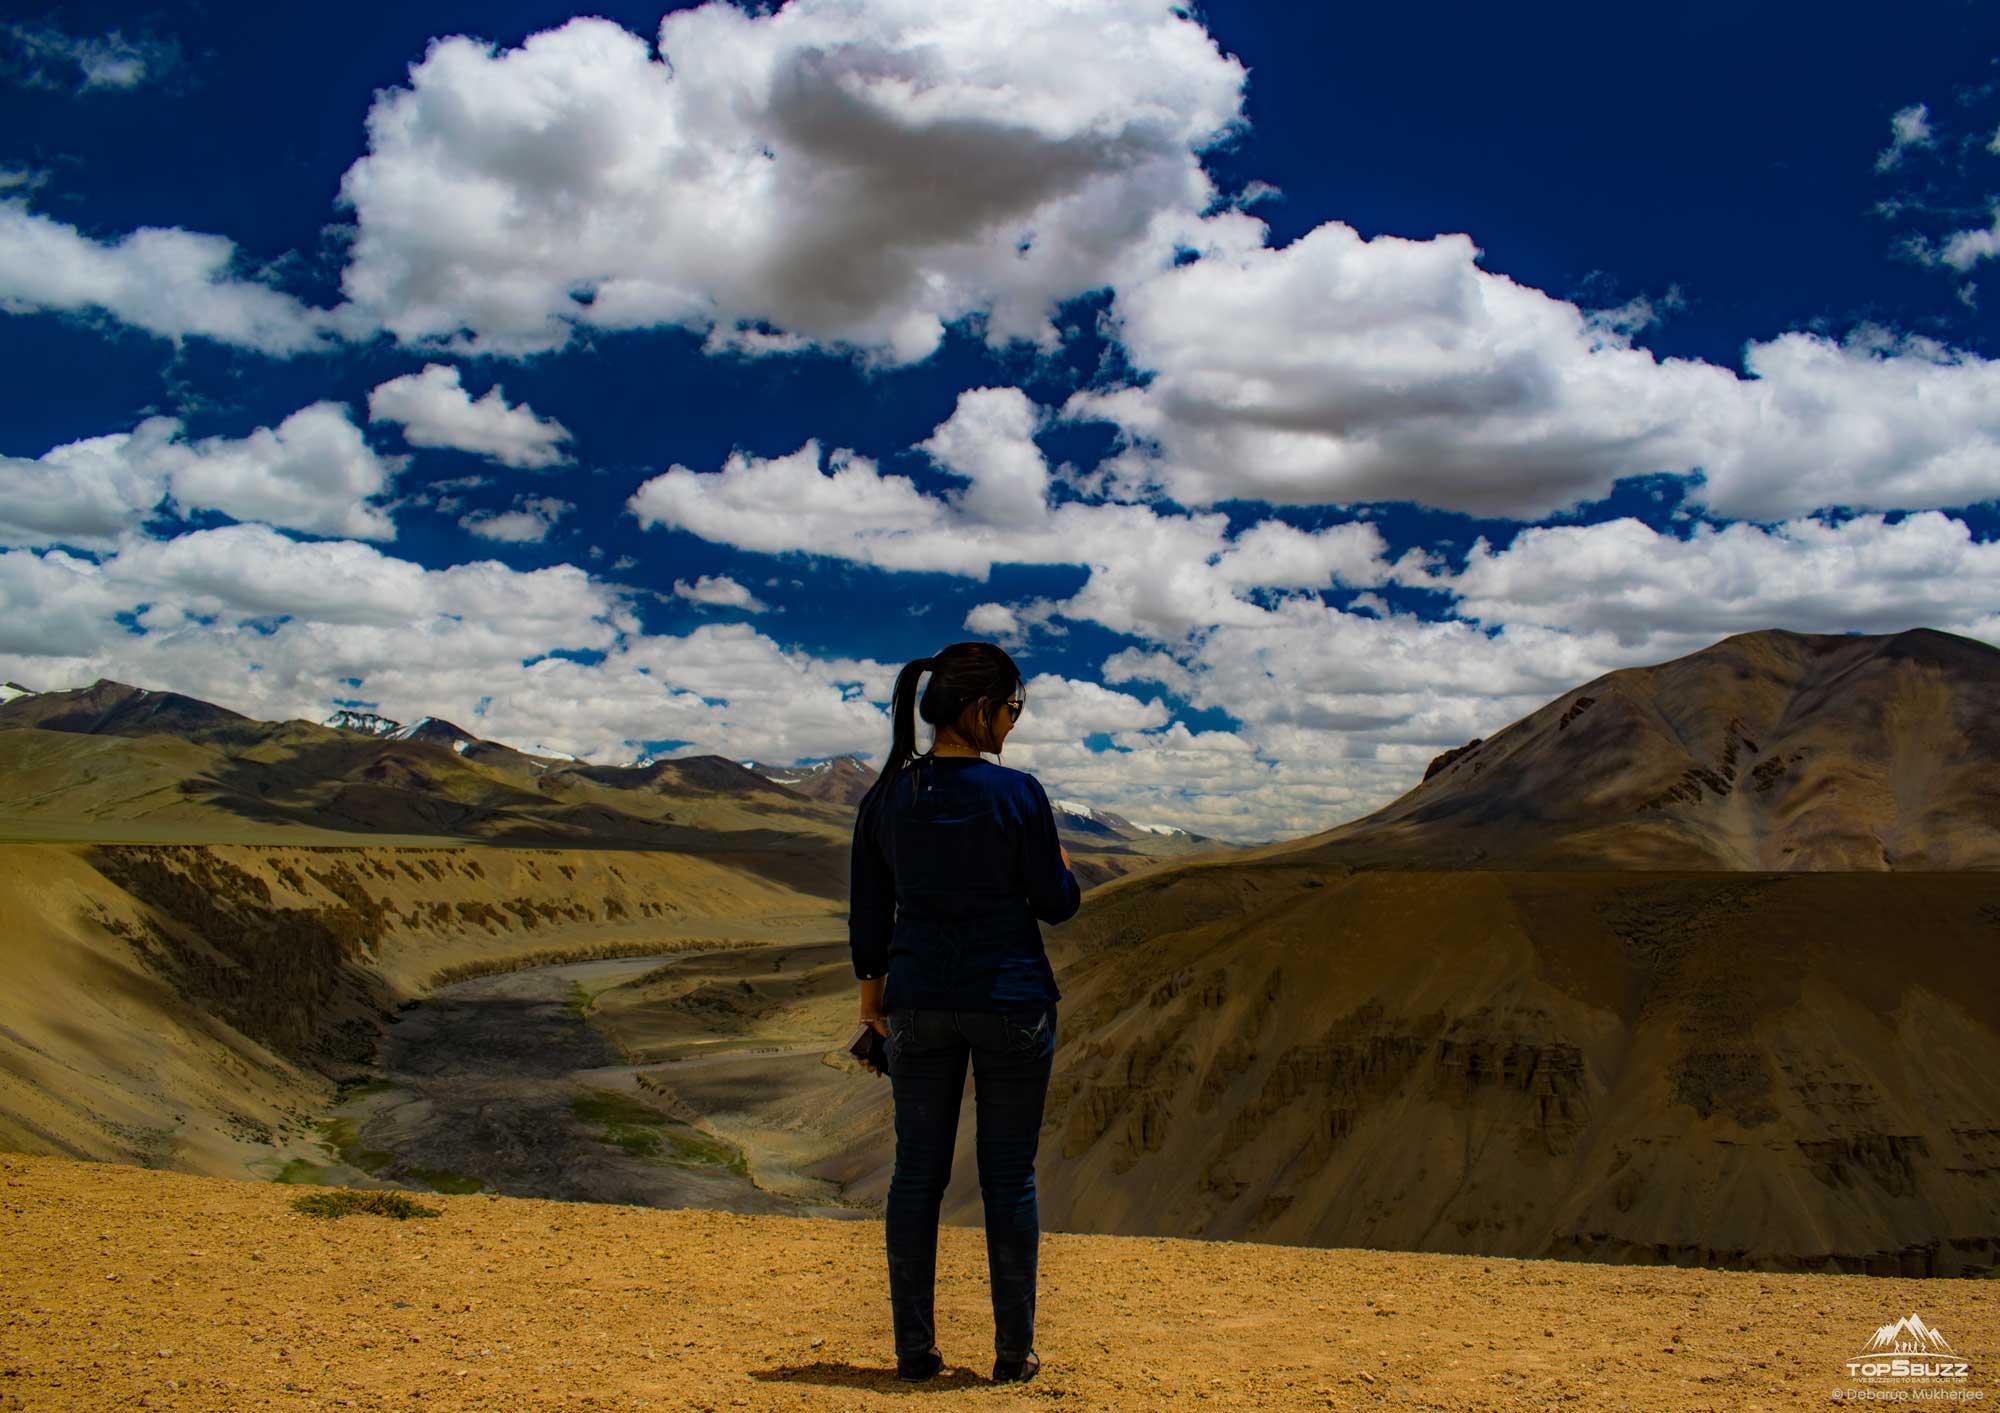 Ladakh Landscape photos